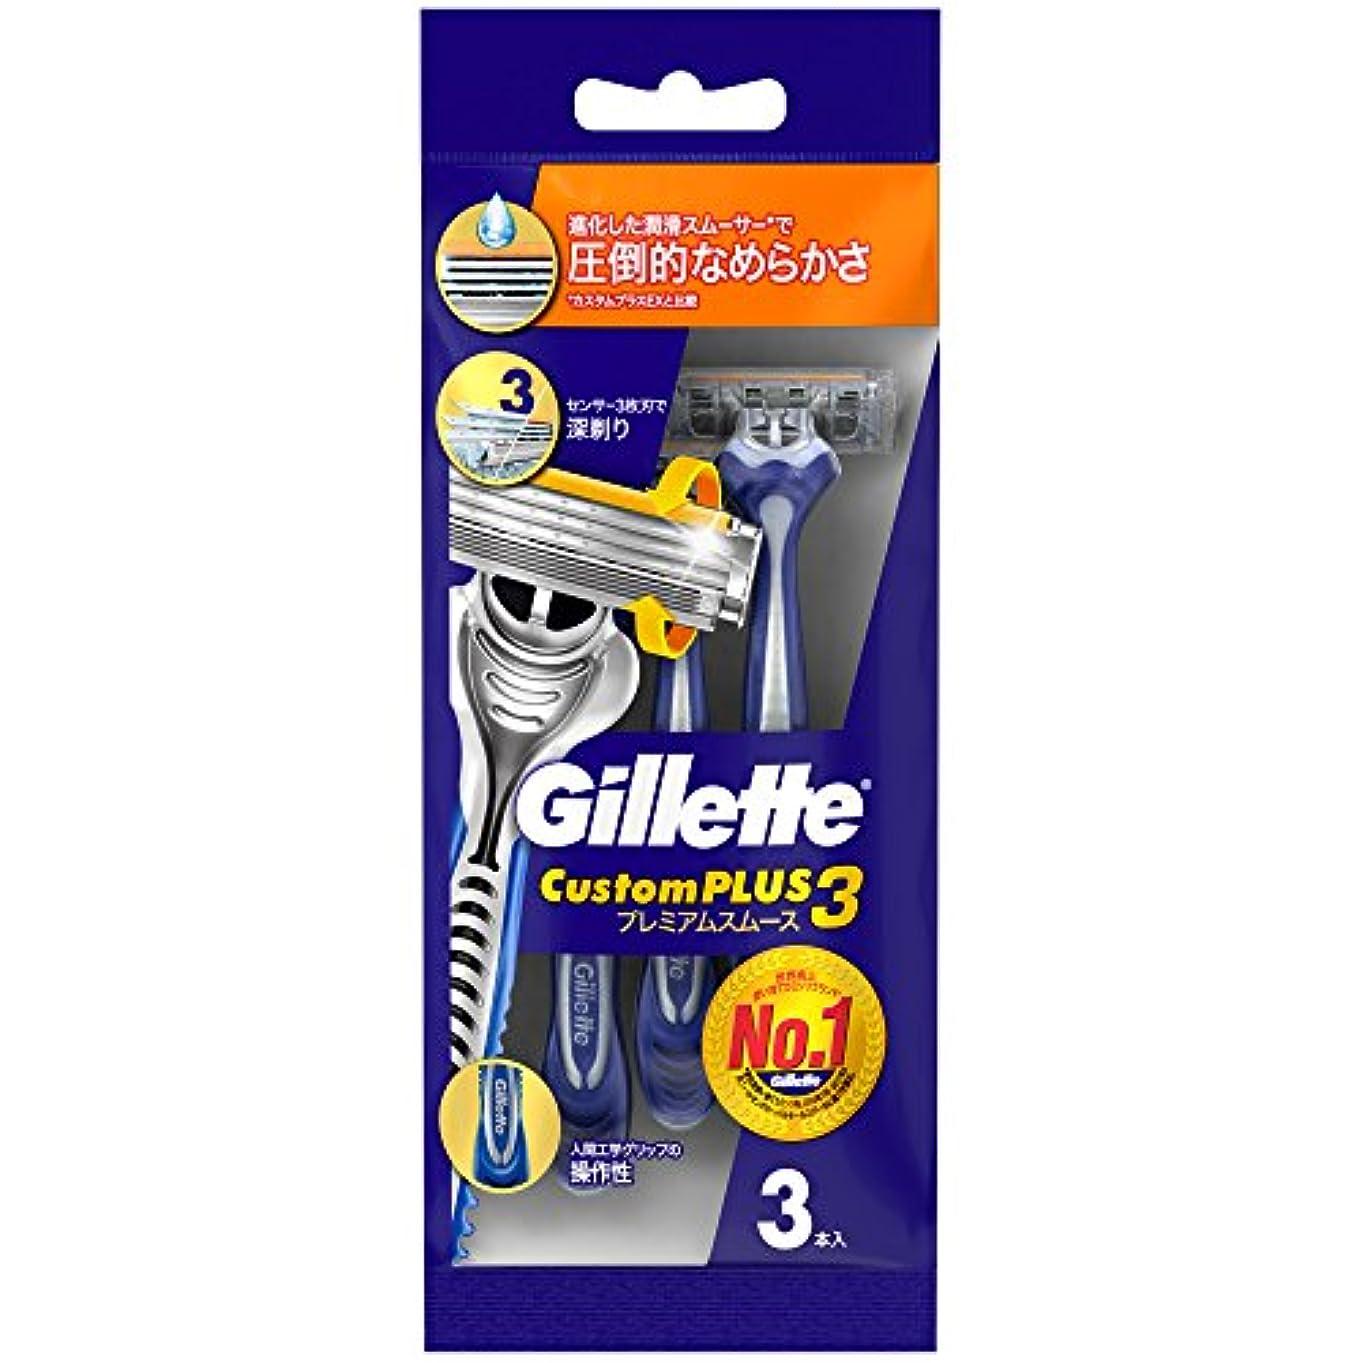 遊びます伸ばす最愛のジレット カスタムプラス3 髭剃り プレミアムスムース CP3-PS3 3本入